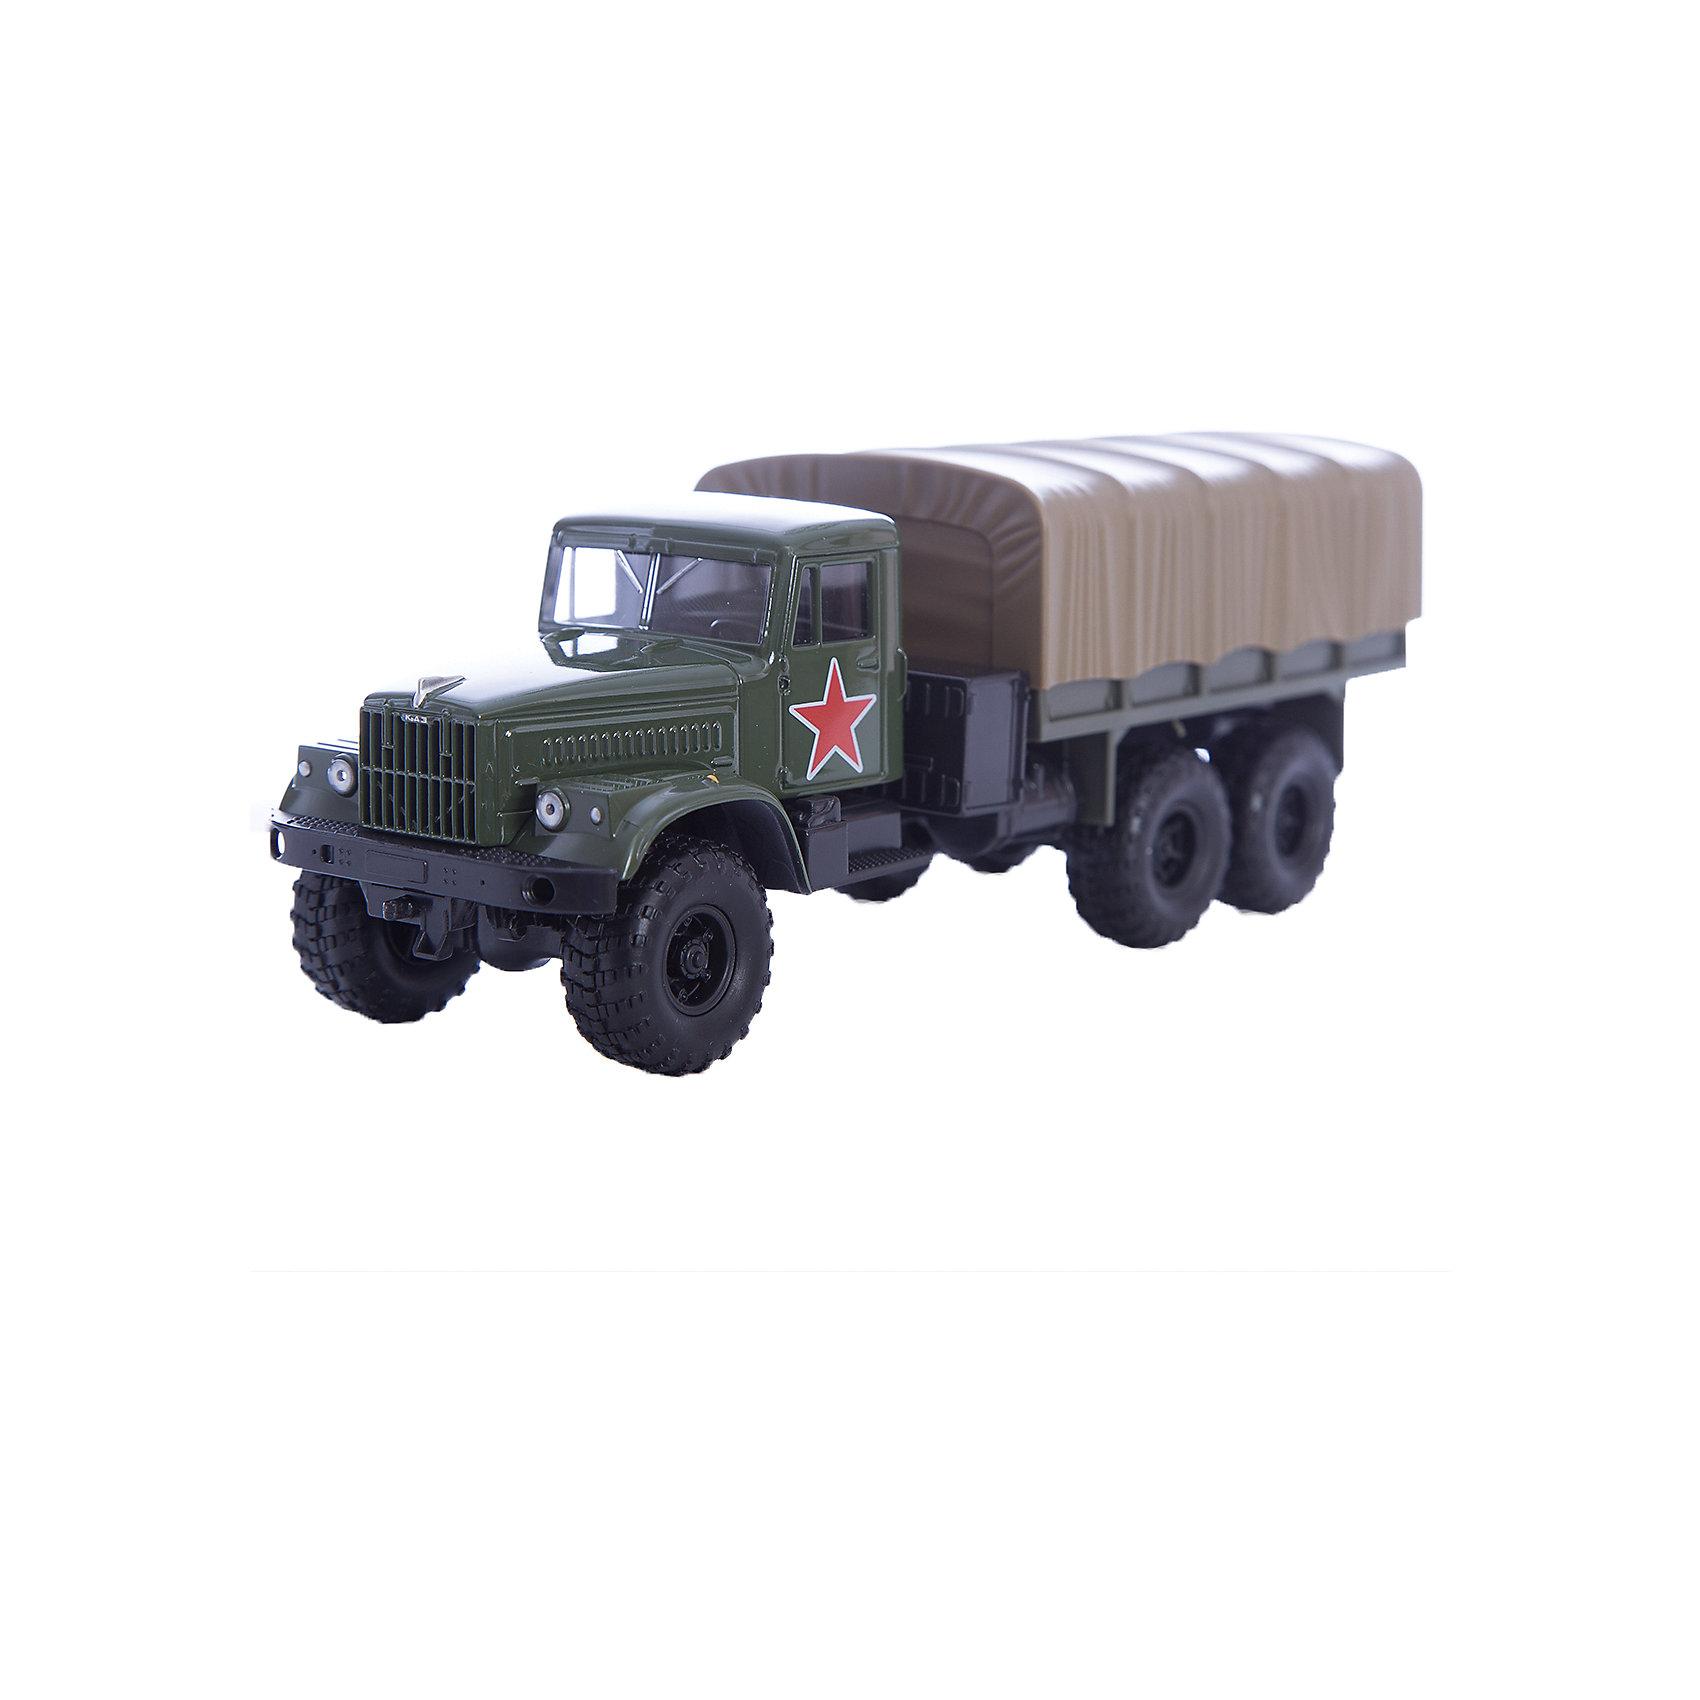 Машинка KRAZ-255B армейская, AutotimeВоенный транспорт<br>Характеристики товара:<br><br>• цвет: зеленый<br>• материал: металл, пластик<br>• длина: 20 см<br>• размер упаковки: 22х7х17 см<br>• вес: 100 г<br>• масштаб: 1:43<br>• хорошая детализация<br>• вращаются колеса<br>• коллекционная<br>• страна бренда: Россия<br>• страна производства: Китай<br><br>Многие мальчики в детстве мечтают стать героями. Эта машинка позволит вашему ребенку представить себя на месте отважного спасателя! Коллекционная модель машины - это уменьшенная копия грузовика. Данная модель выполнена с тщательной детализацией и представлена в масштабе 1:43. Кабина грузовика окрашена в характерный цвет. <br><br>Машинка может выполнять сразу несколько функций: развлекать ребенка, помогать вырабатывать практические качества: ловкость, координацию, мелкую моторику. Также в процессе увлекательной игры развивается фантазия ребенка. Изделие выполнено из сертифицированных материалов, безопасных для детей. Машинка стимулирует двигательную активность ребенка, дает представление об устройстве автомобиля. Эта модель станет отличным подарком как отдельная игрушка, а также может пополнить коллекцию юного ценителя техники.<br><br>Машинку KRAZ-255B армейская от бренда AUTOTIME можно купить в нашем интернет-магазине.<br><br>Ширина мм: 250<br>Глубина мм: 95<br>Высота мм: 110<br>Вес г: 25<br>Возраст от месяцев: 36<br>Возраст до месяцев: 2147483647<br>Пол: Мужской<br>Возраст: Детский<br>SKU: 5583996